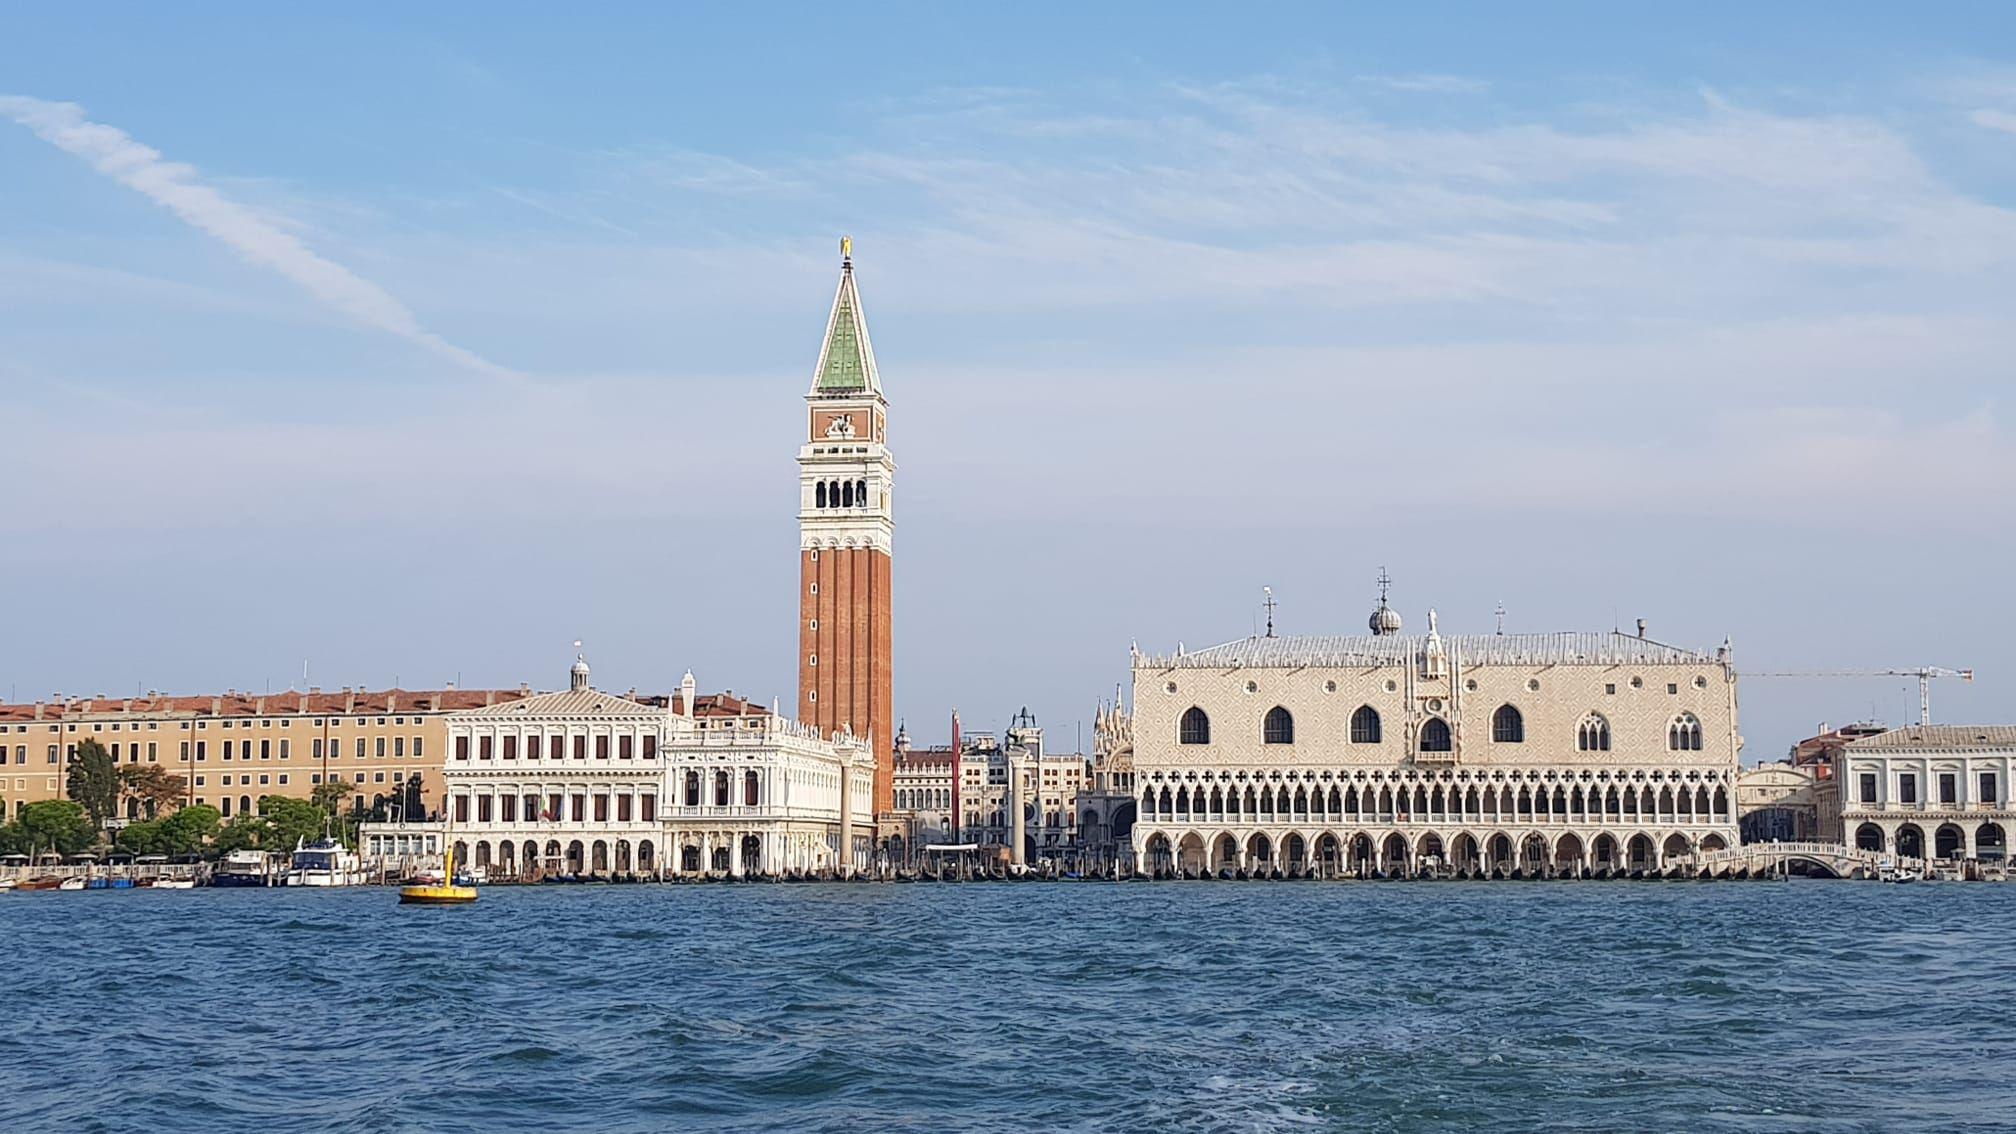 TURISMO - «Let me tell you my Italy»: un evento unico per raccontare il bello dell'Italia